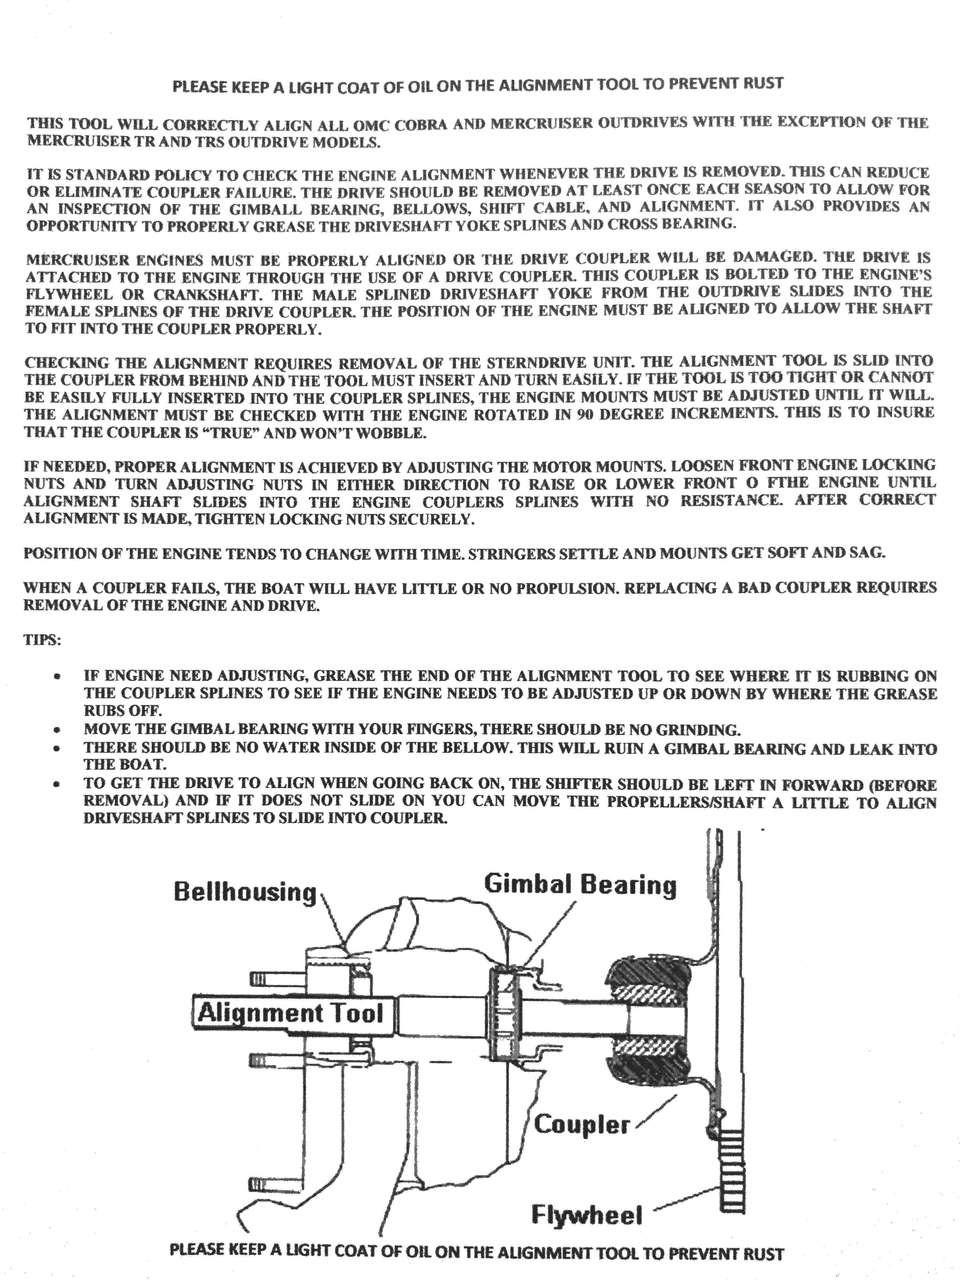 Alignment Bar Gimbal Bearing Seal Bellow Tool Set Mercruiser 91-805475 (4pc)A1 OMC